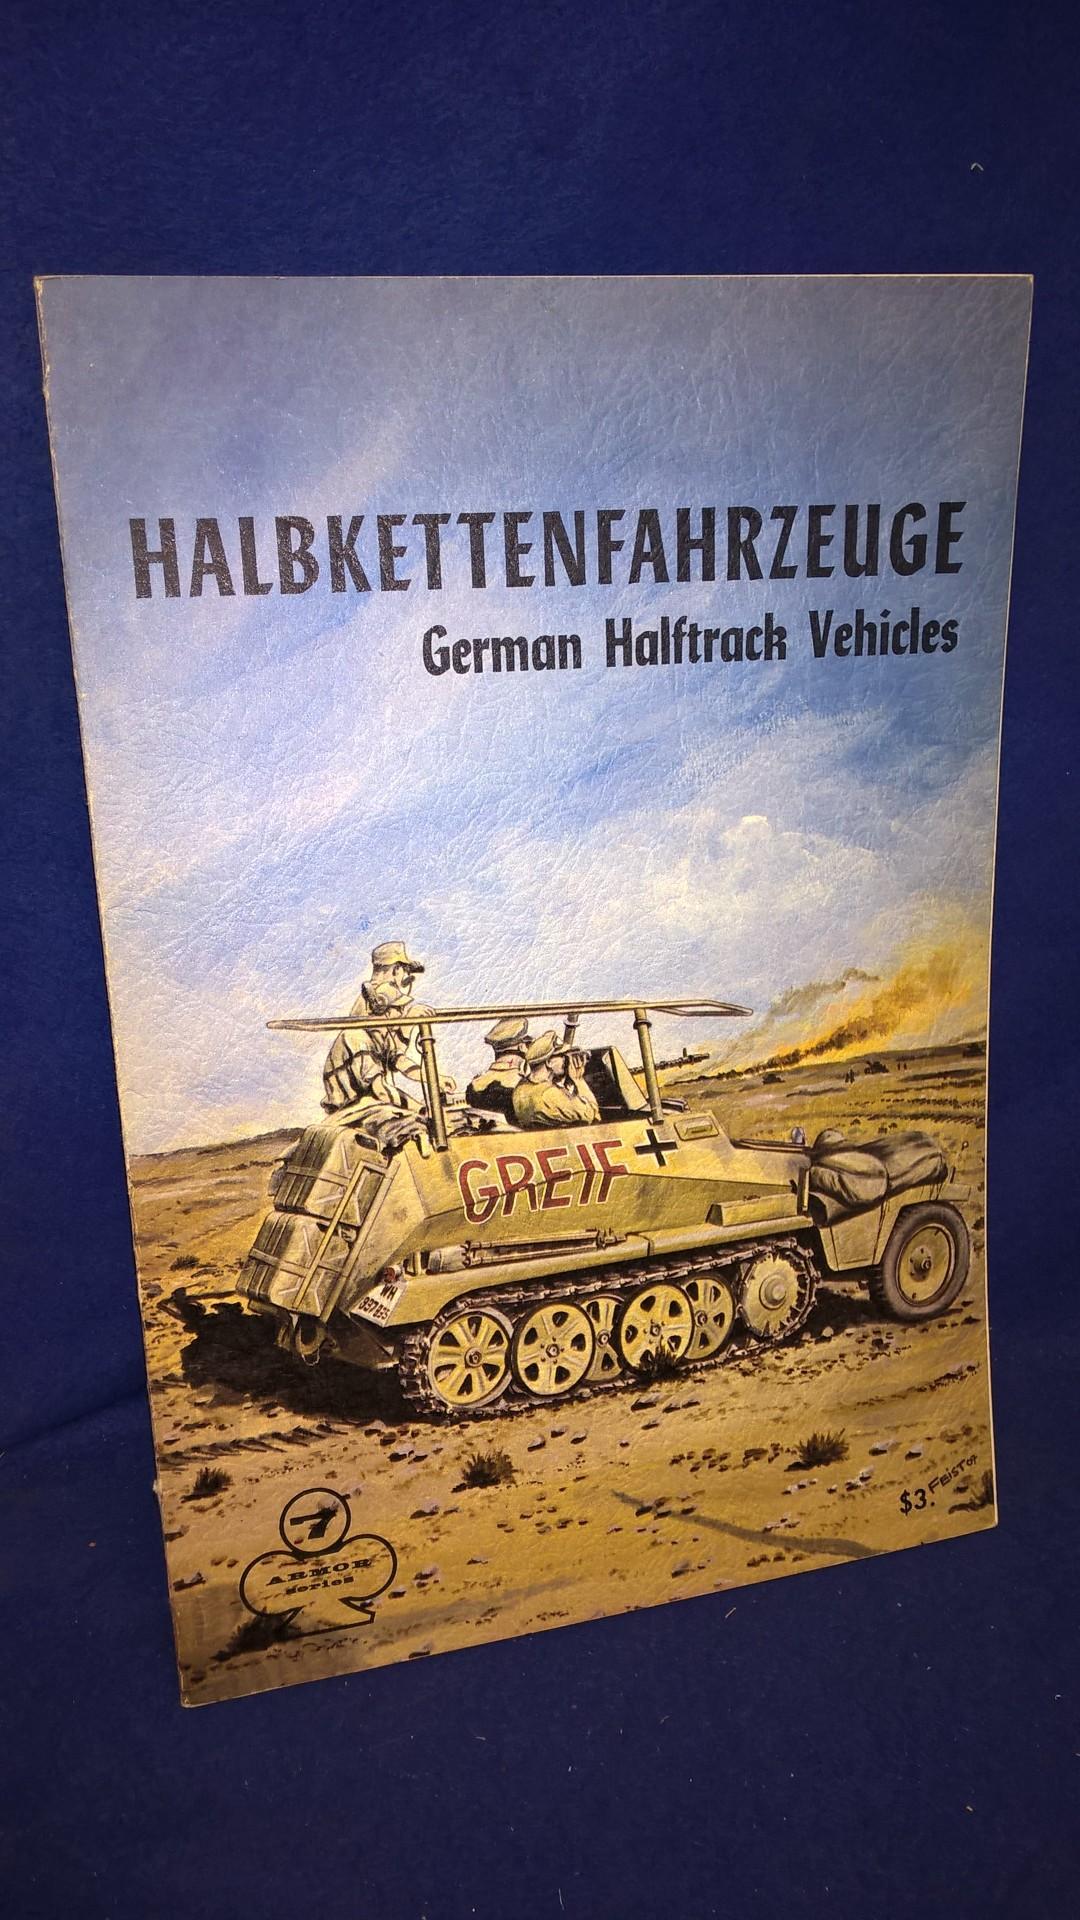 Halbkettenfahrzeuge. German Halftrack Vehicles. The Armor Series. 7. Gute Bild-/Textdokumentation über die verschiedensten deutschen Halbkettenfahrzeugtypen, von Spielberger!